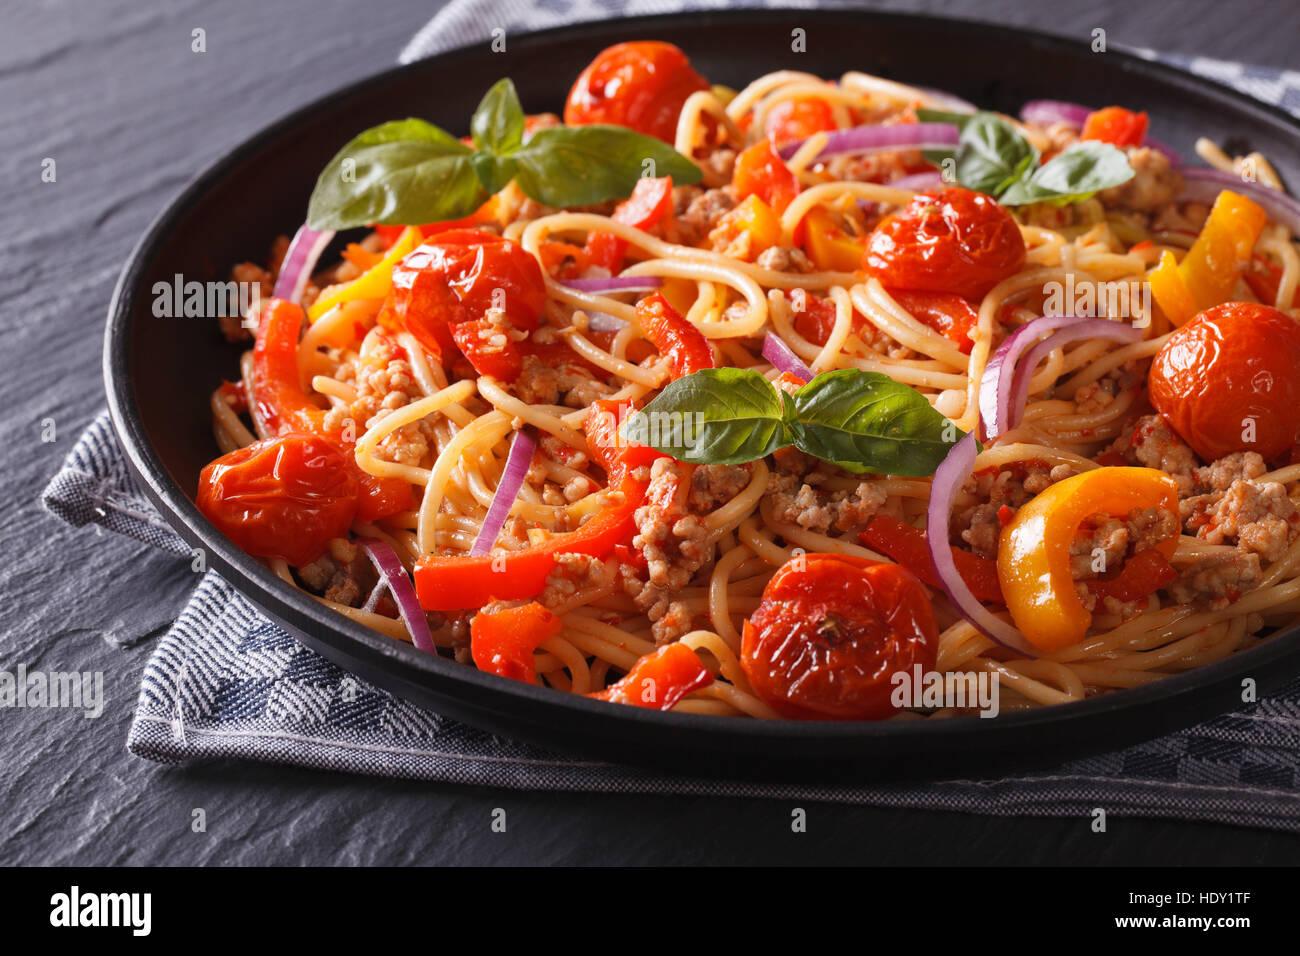 Il cibo italiano: Pasta con carne macinata e verdure close-up orizzontale. Immagini Stock